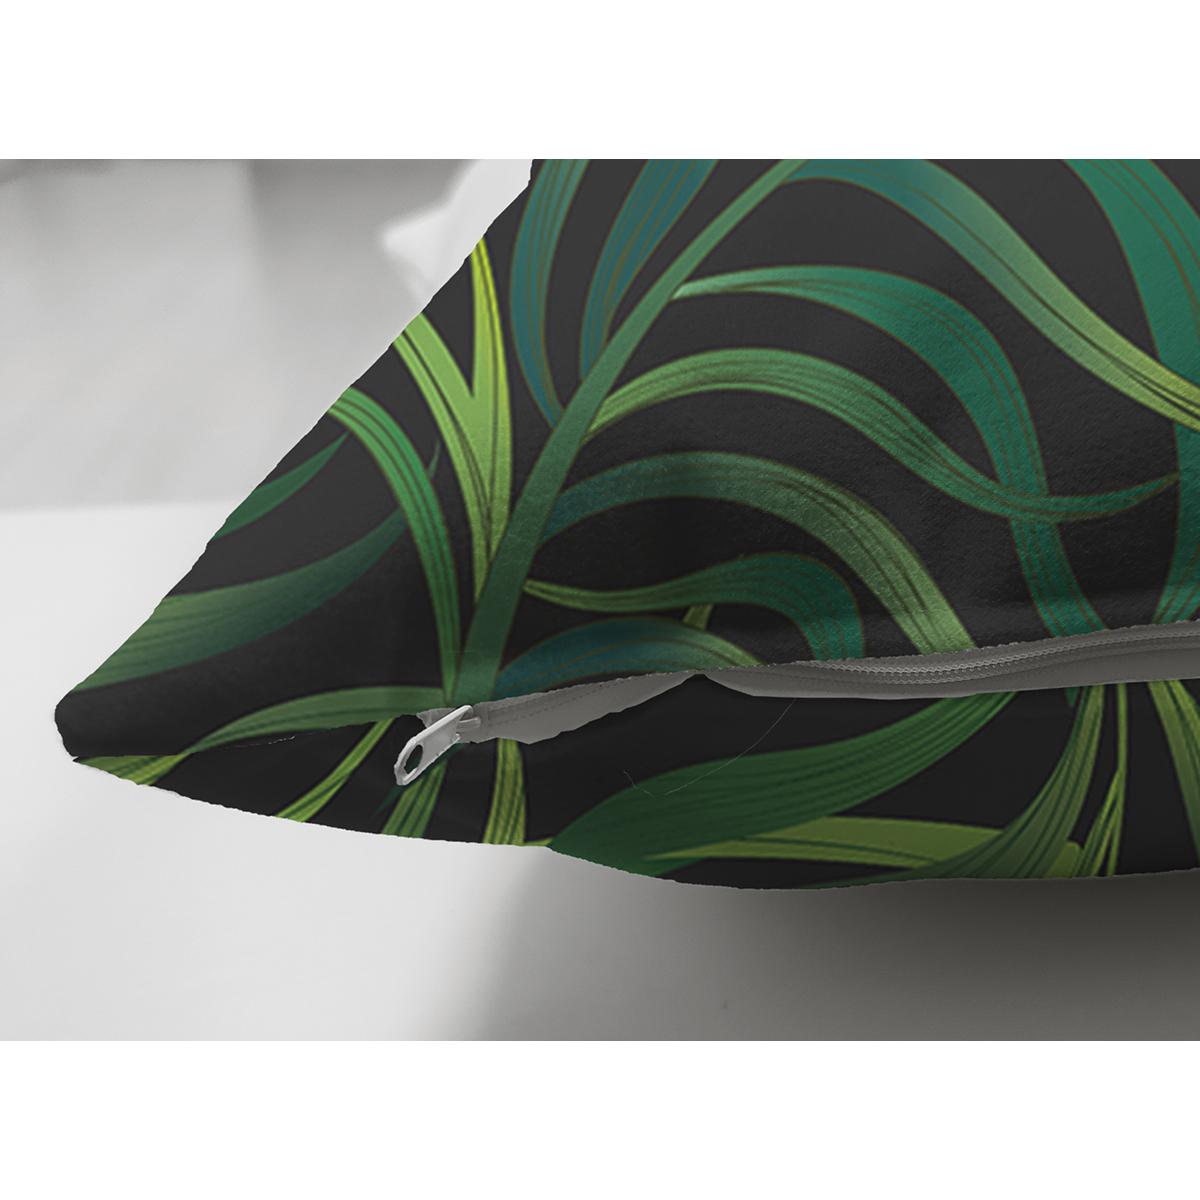 Çift Taraflı Siyah Zemin Üzerinde Yeşil Yaprak Desenli Süet Yastık Kırlent Kılıfı Realhomes